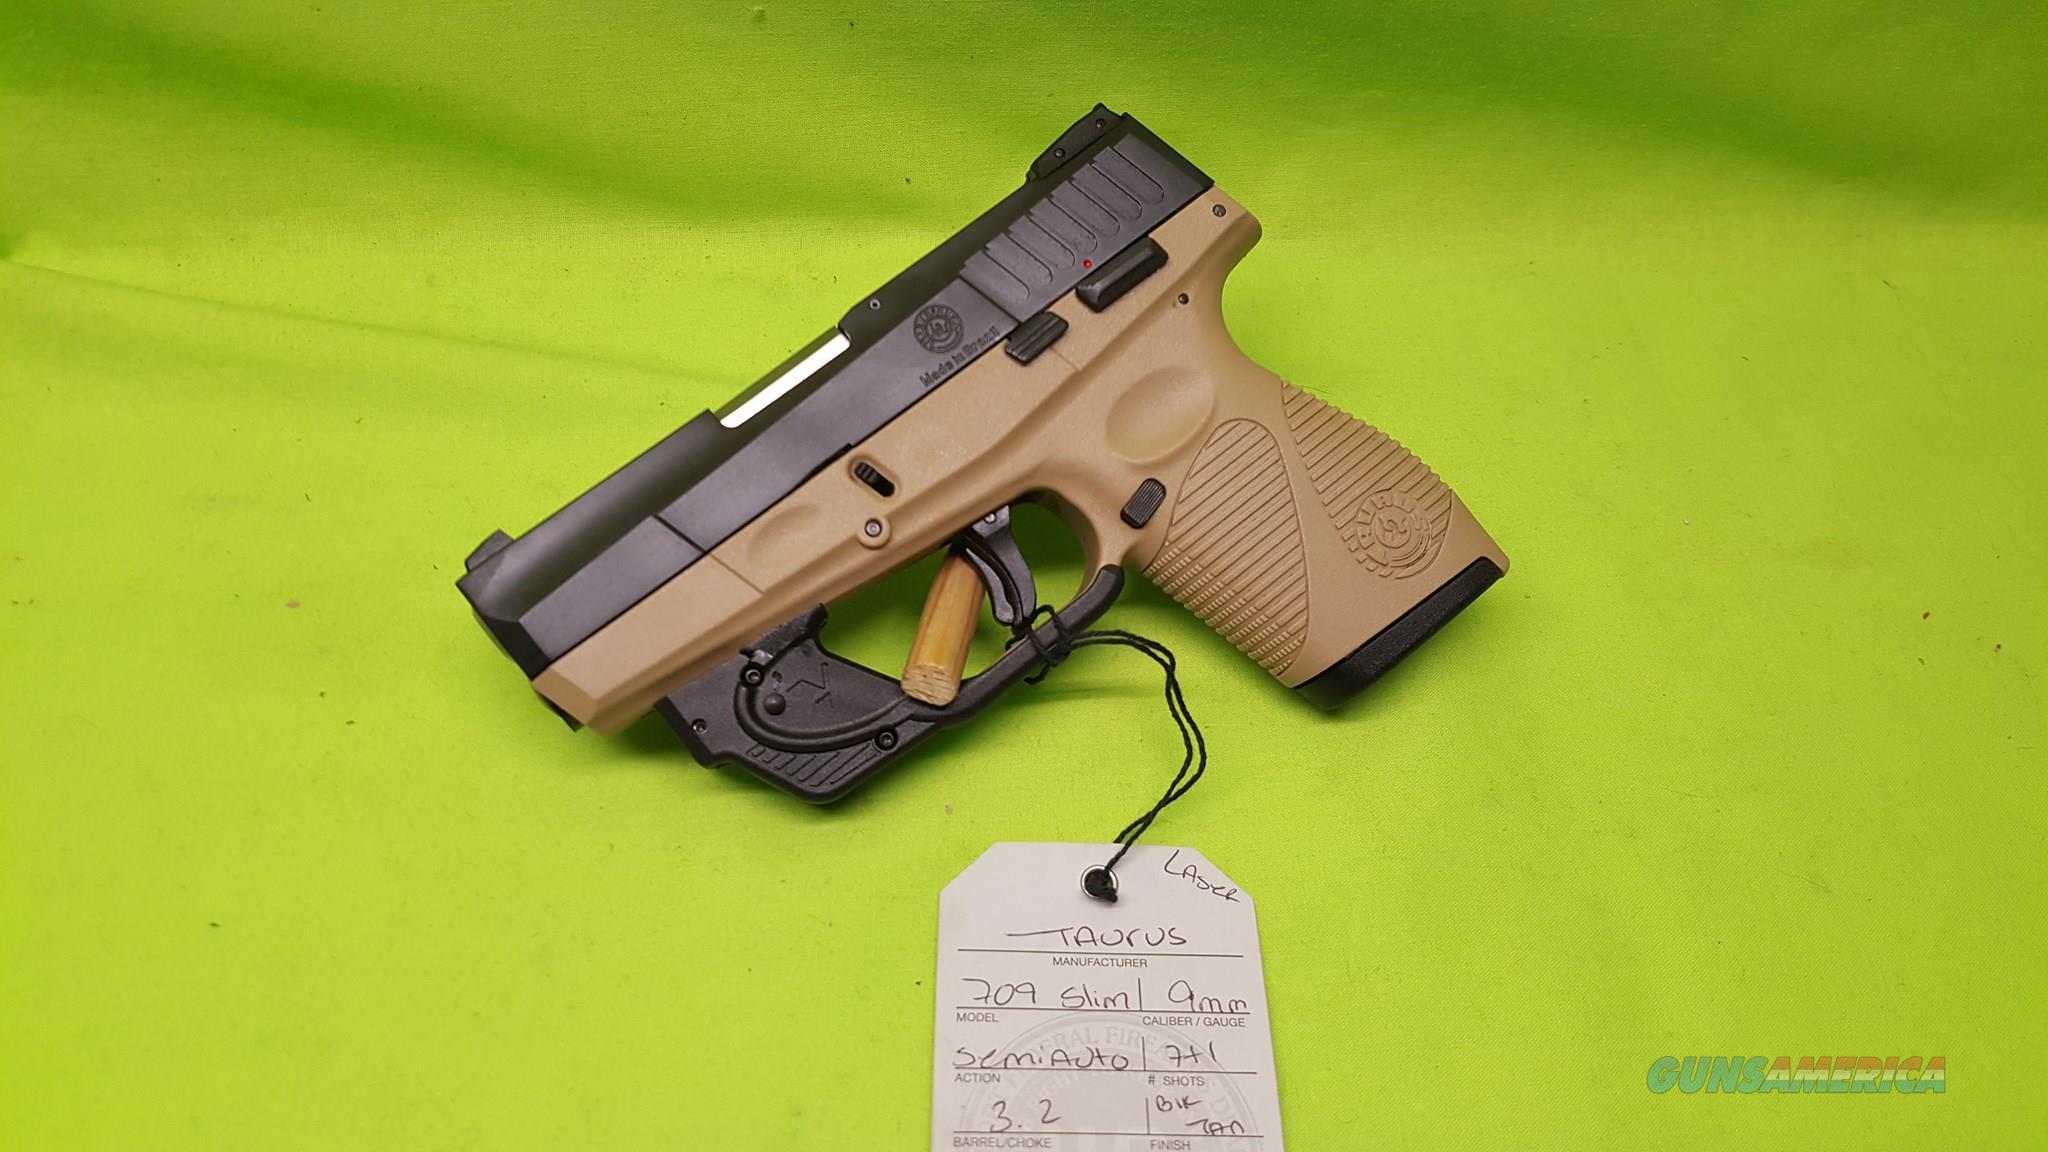 709 slim 9mm pistol - Taurus 709 Slim Pt 709 9 9mm Fde Tan 3 2 7 1 Laser Guns